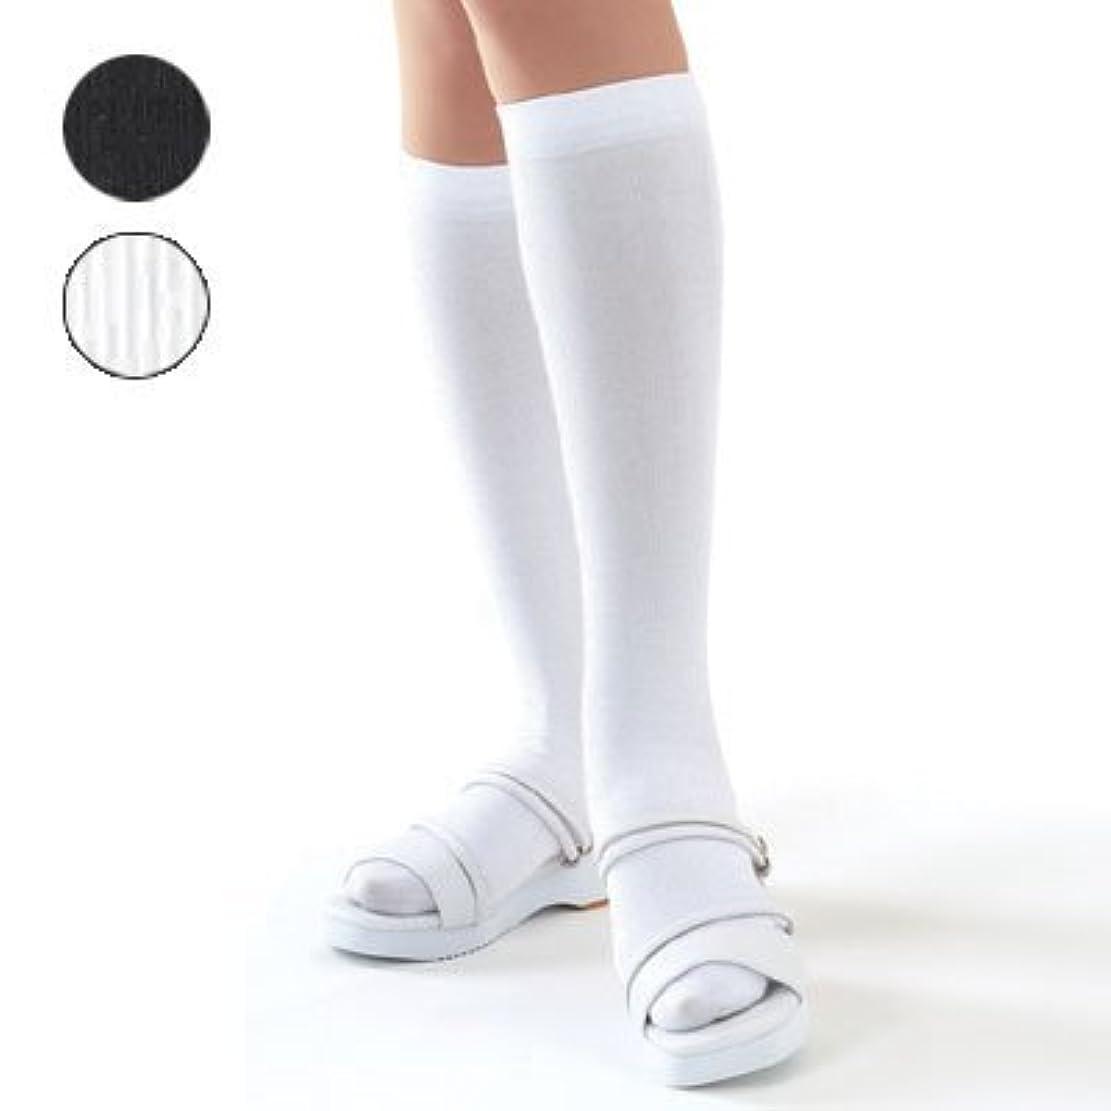 便宜真実意味のあるまるでナース 脚長着圧ハイソックス2足組(M005-3) ホワイト